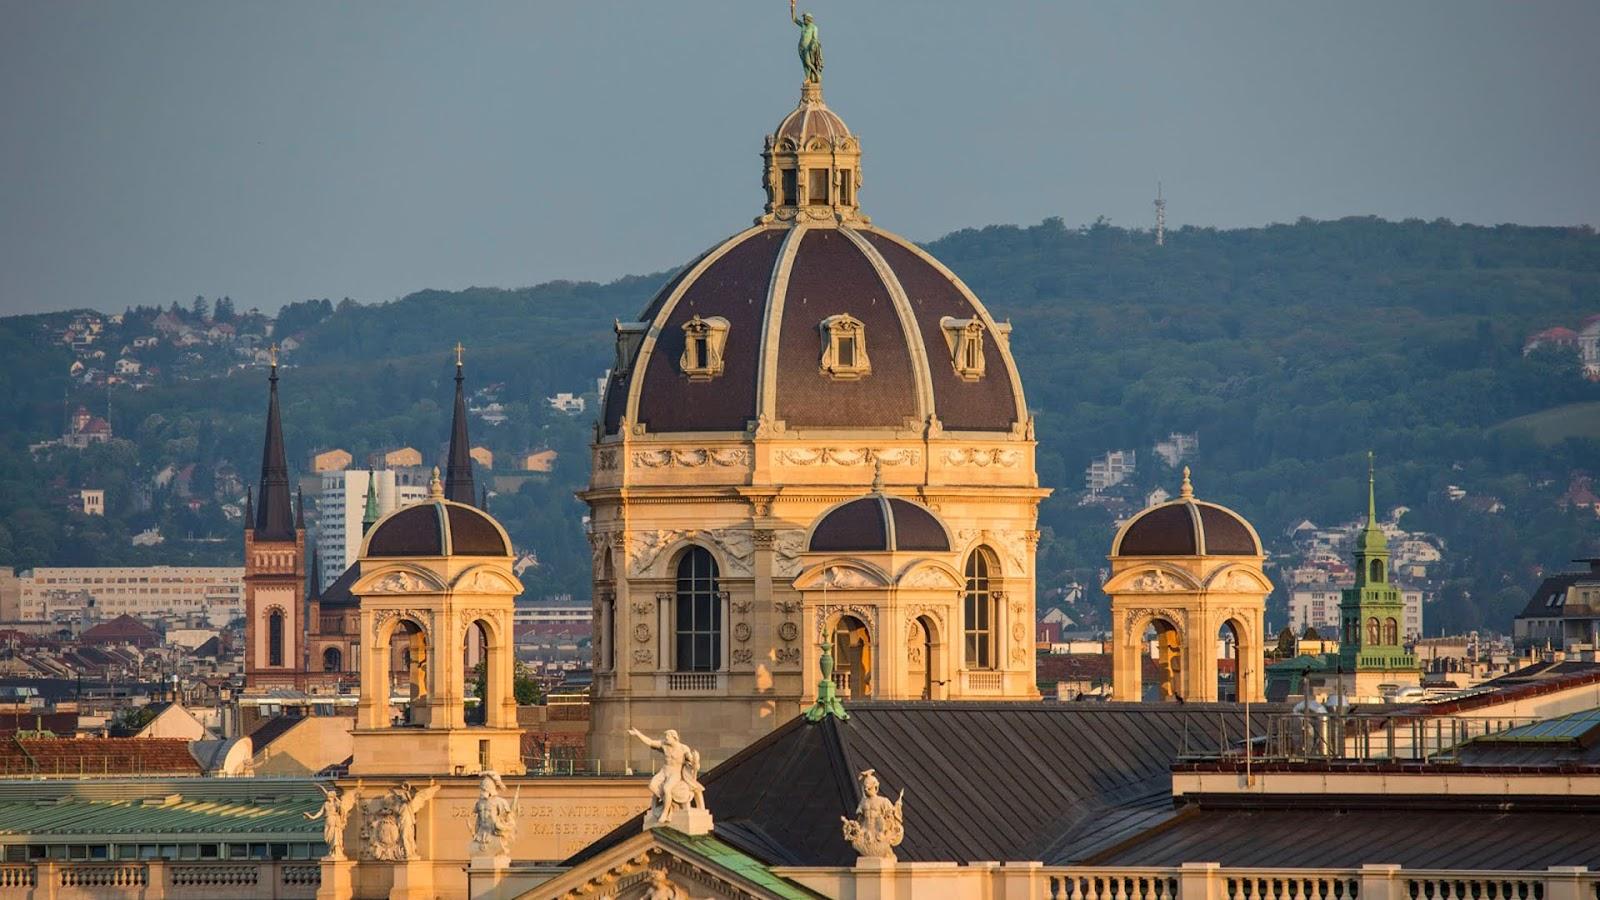 Radioreise Podcast in der Kaiserstadt Wien